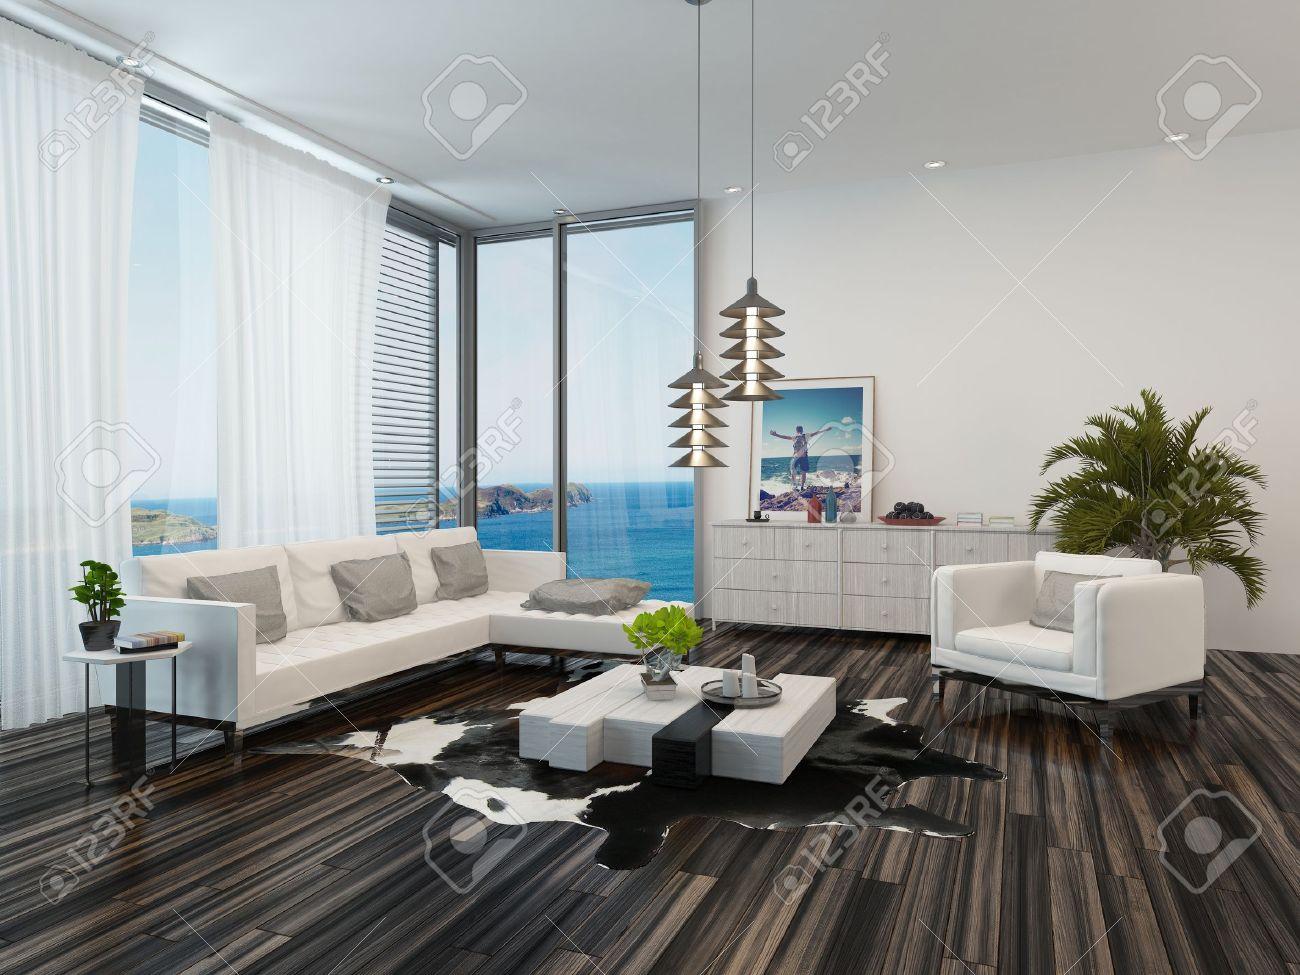 Moderne Wohnzimmer Innenraum Mit Blick Auf Den Ozean Mit ...